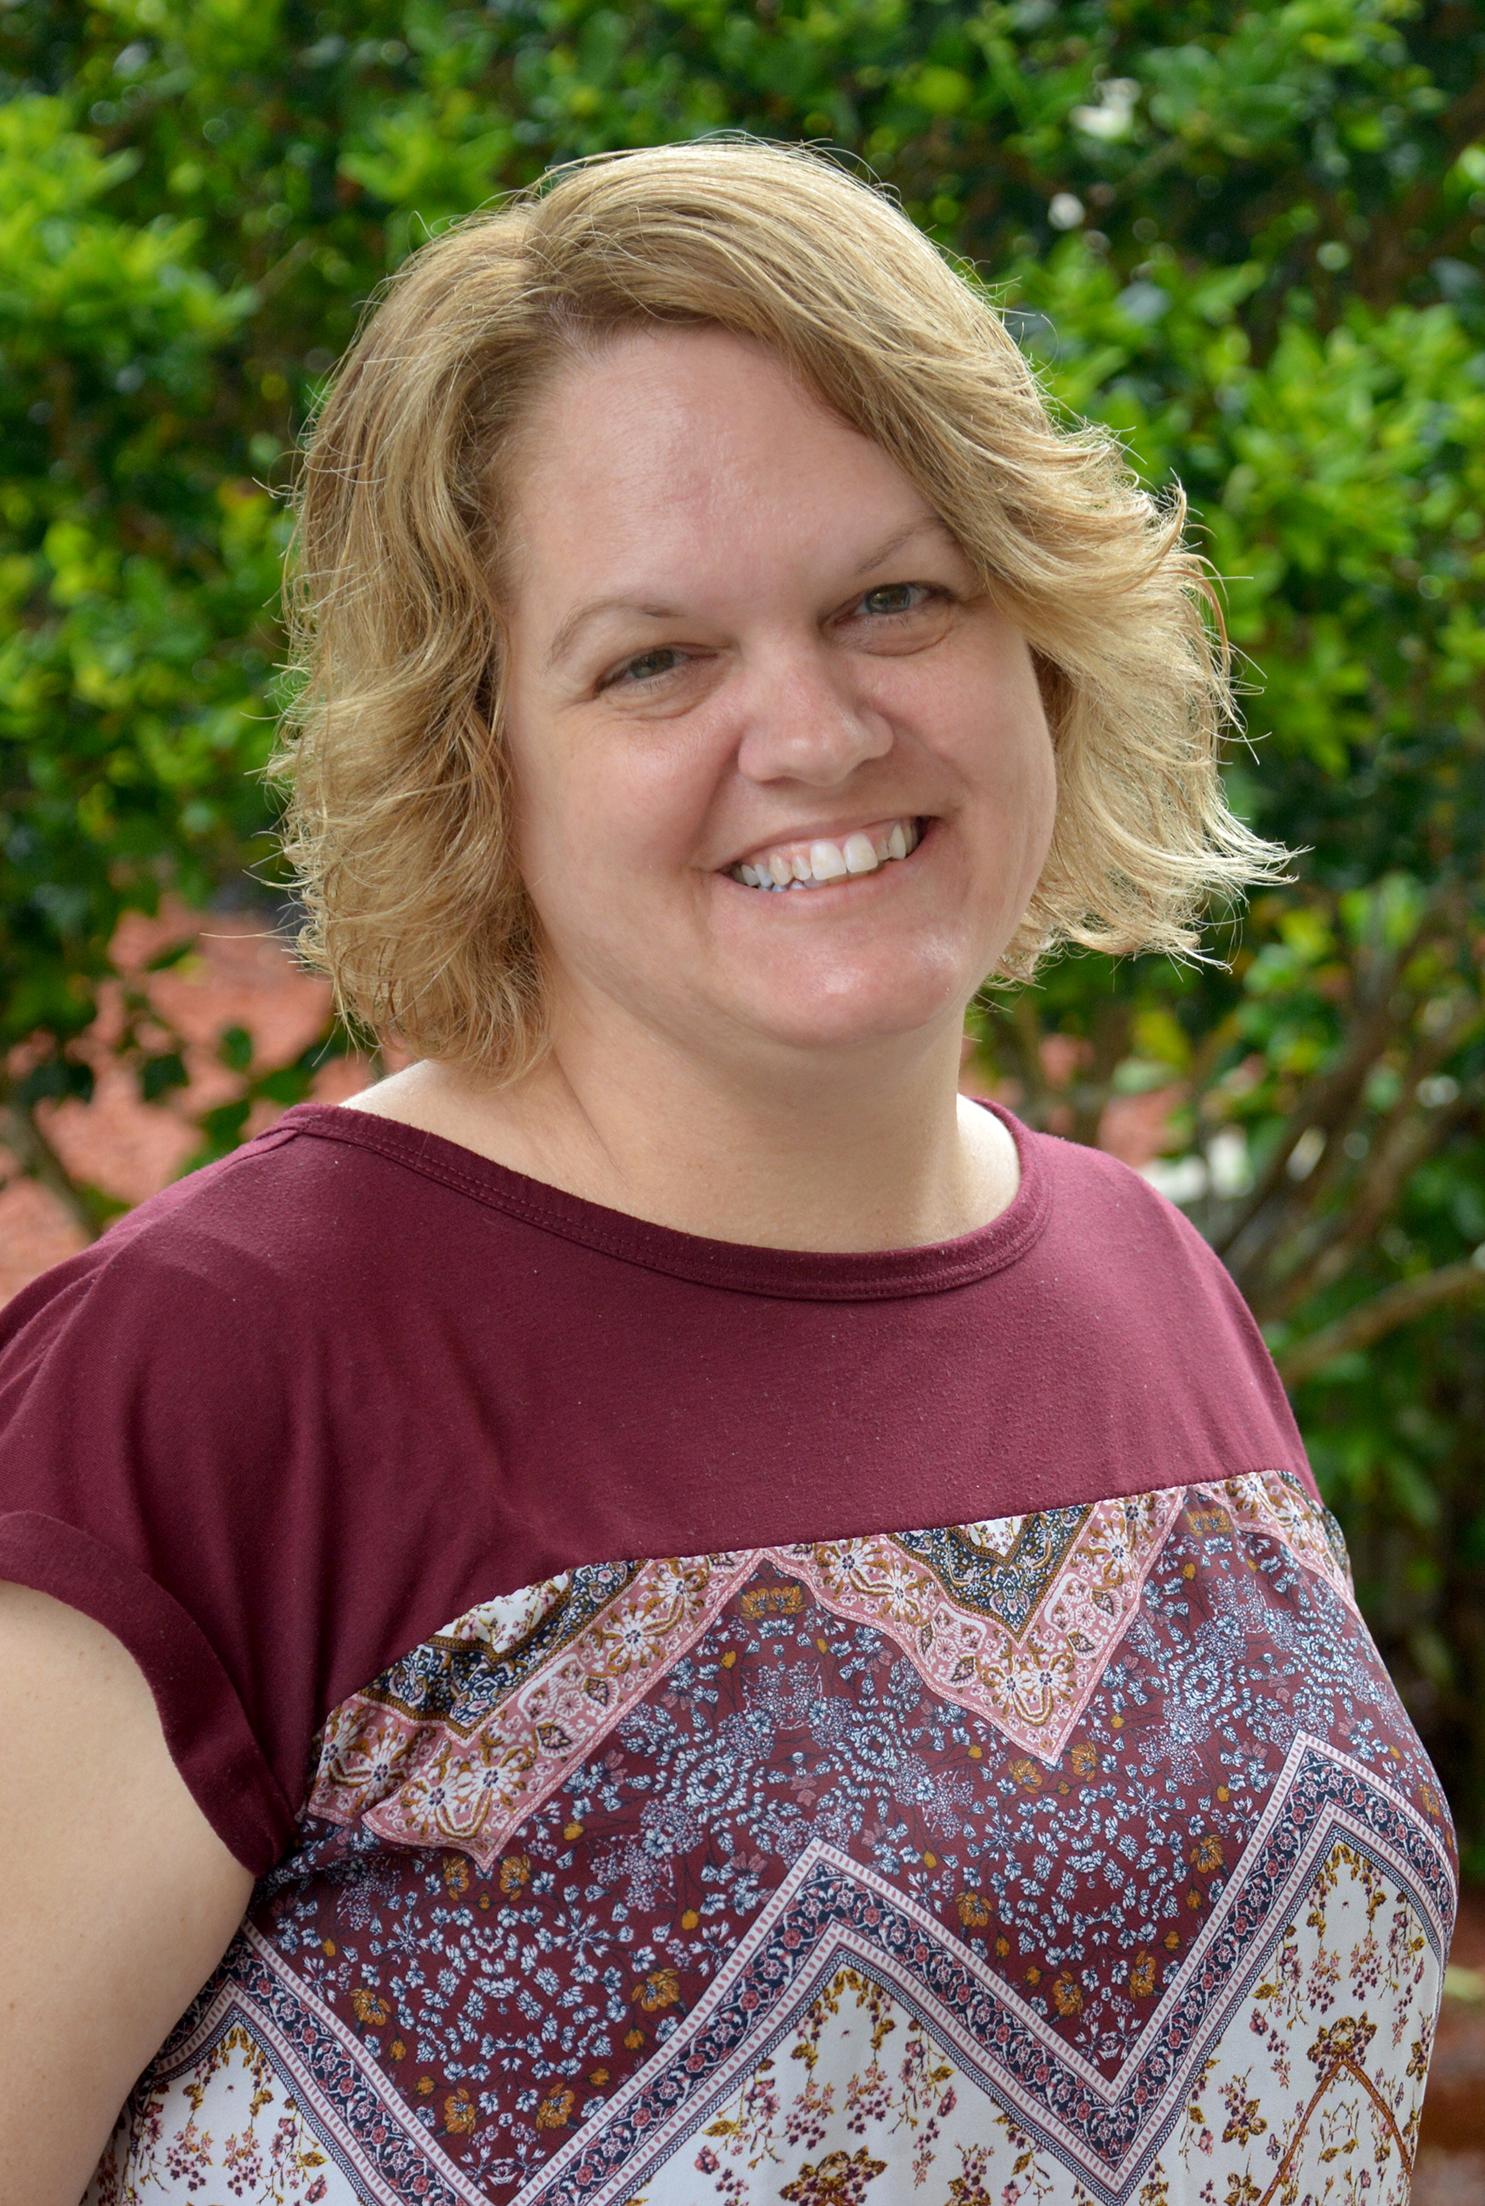 Amy Gainey